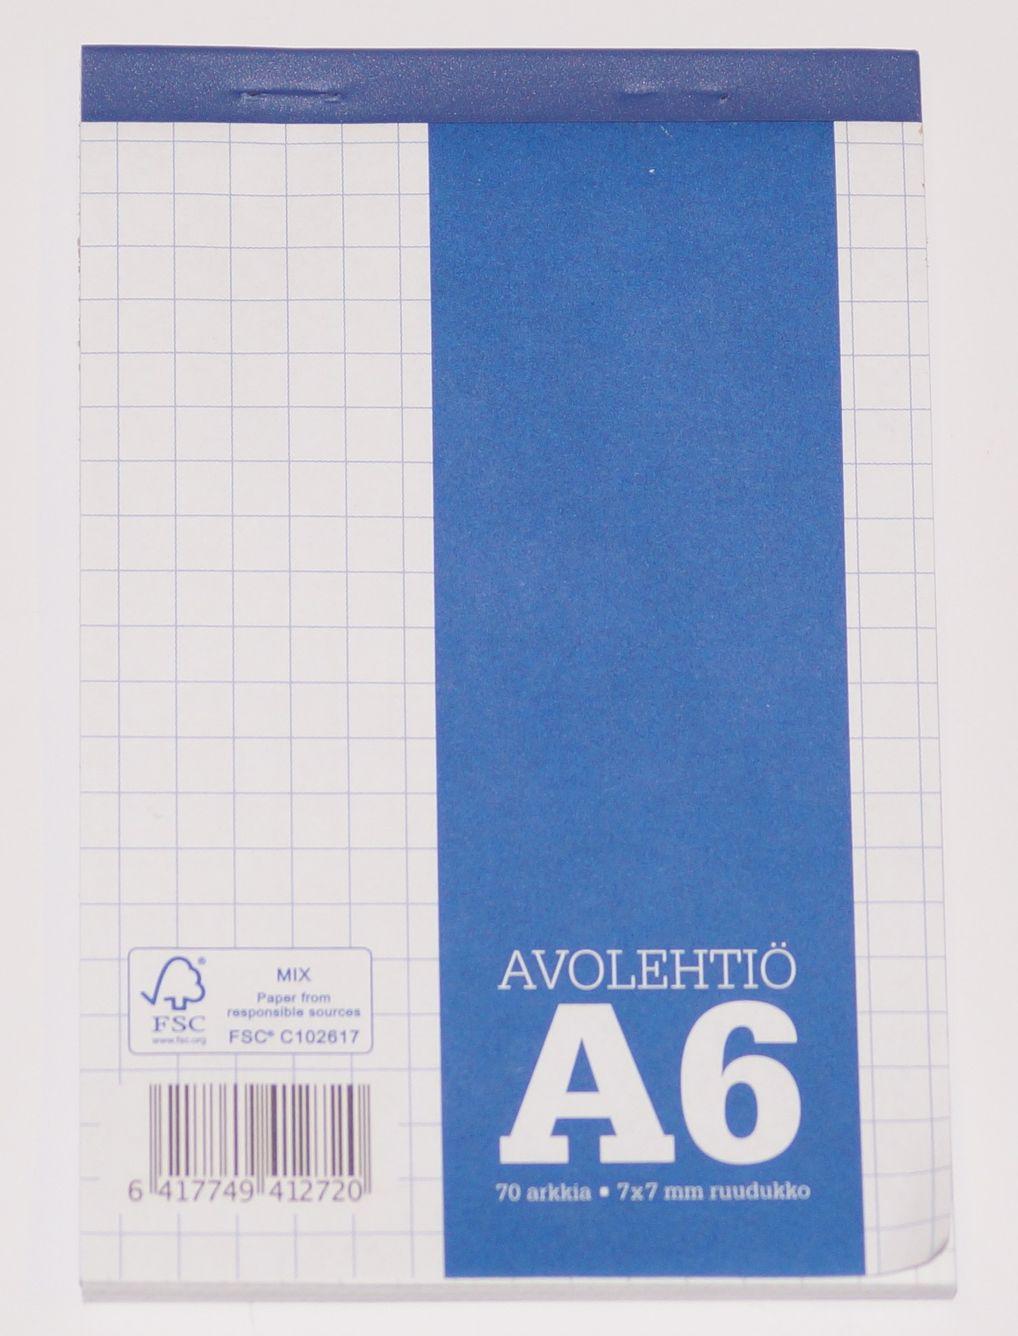 Avolehtiö A6/70